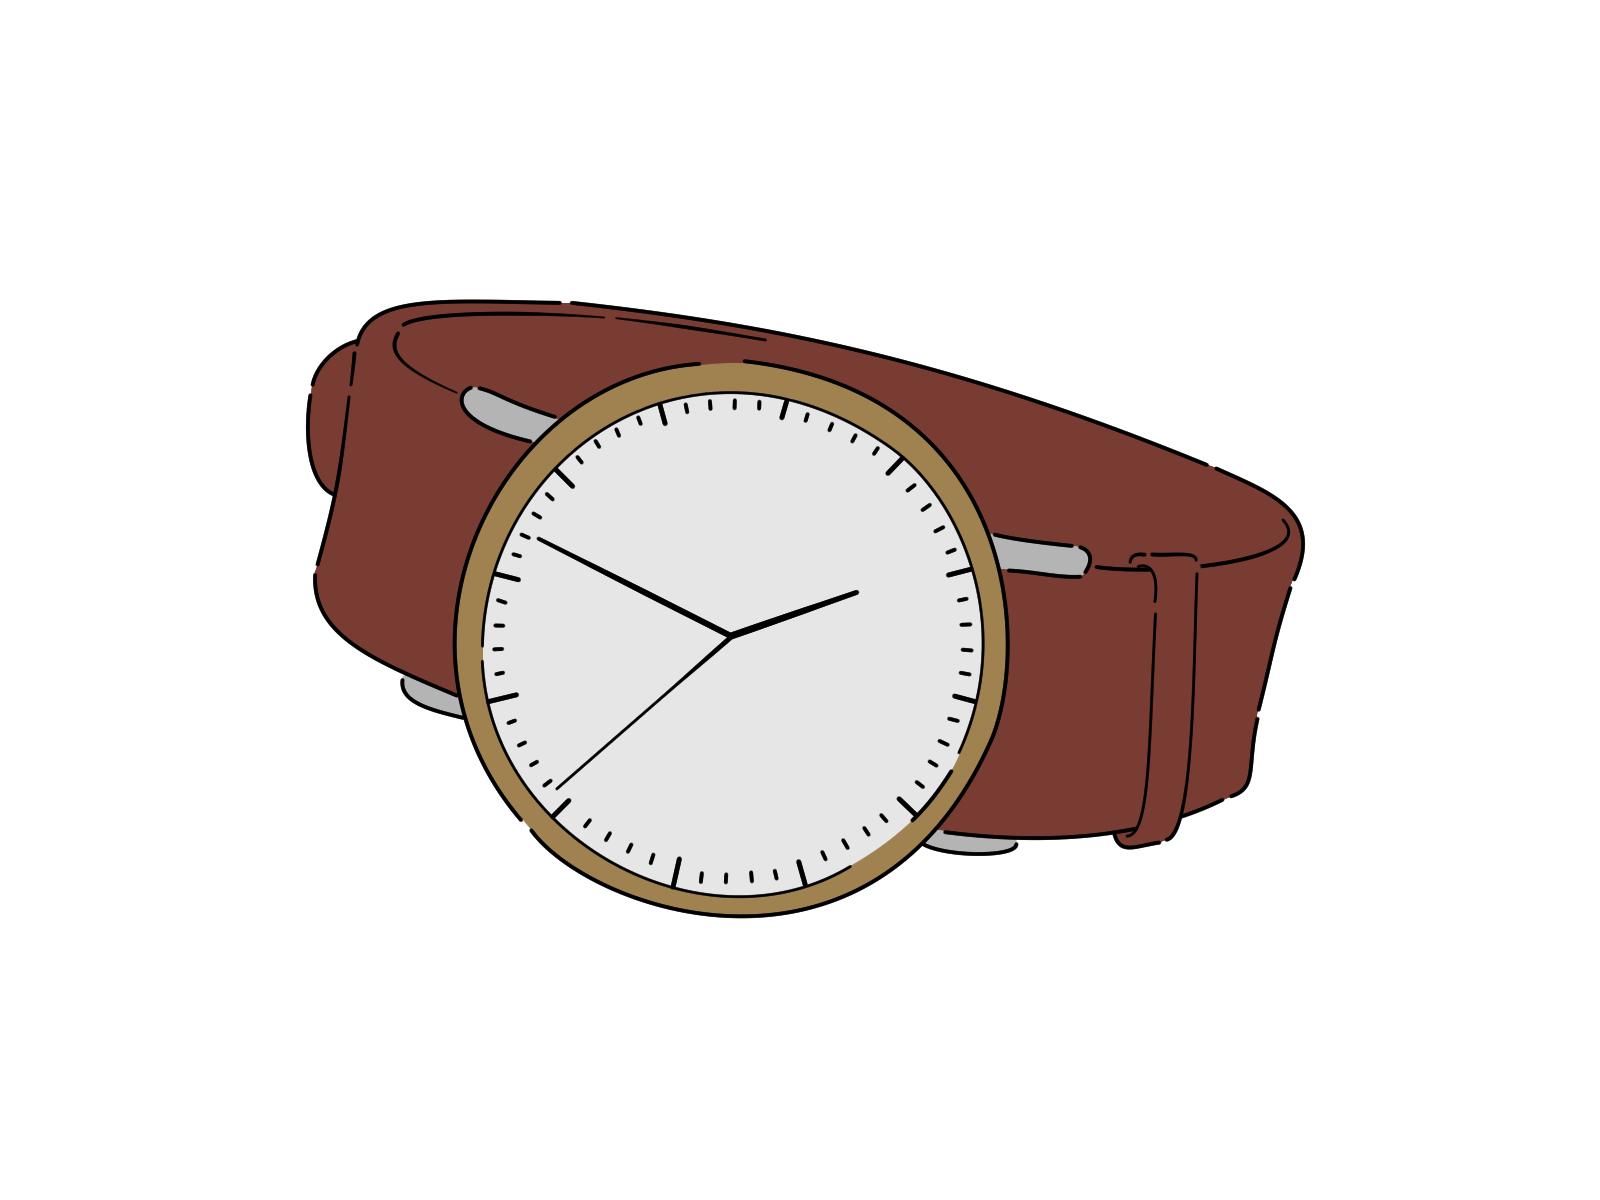 腕時計のイメージ画像2